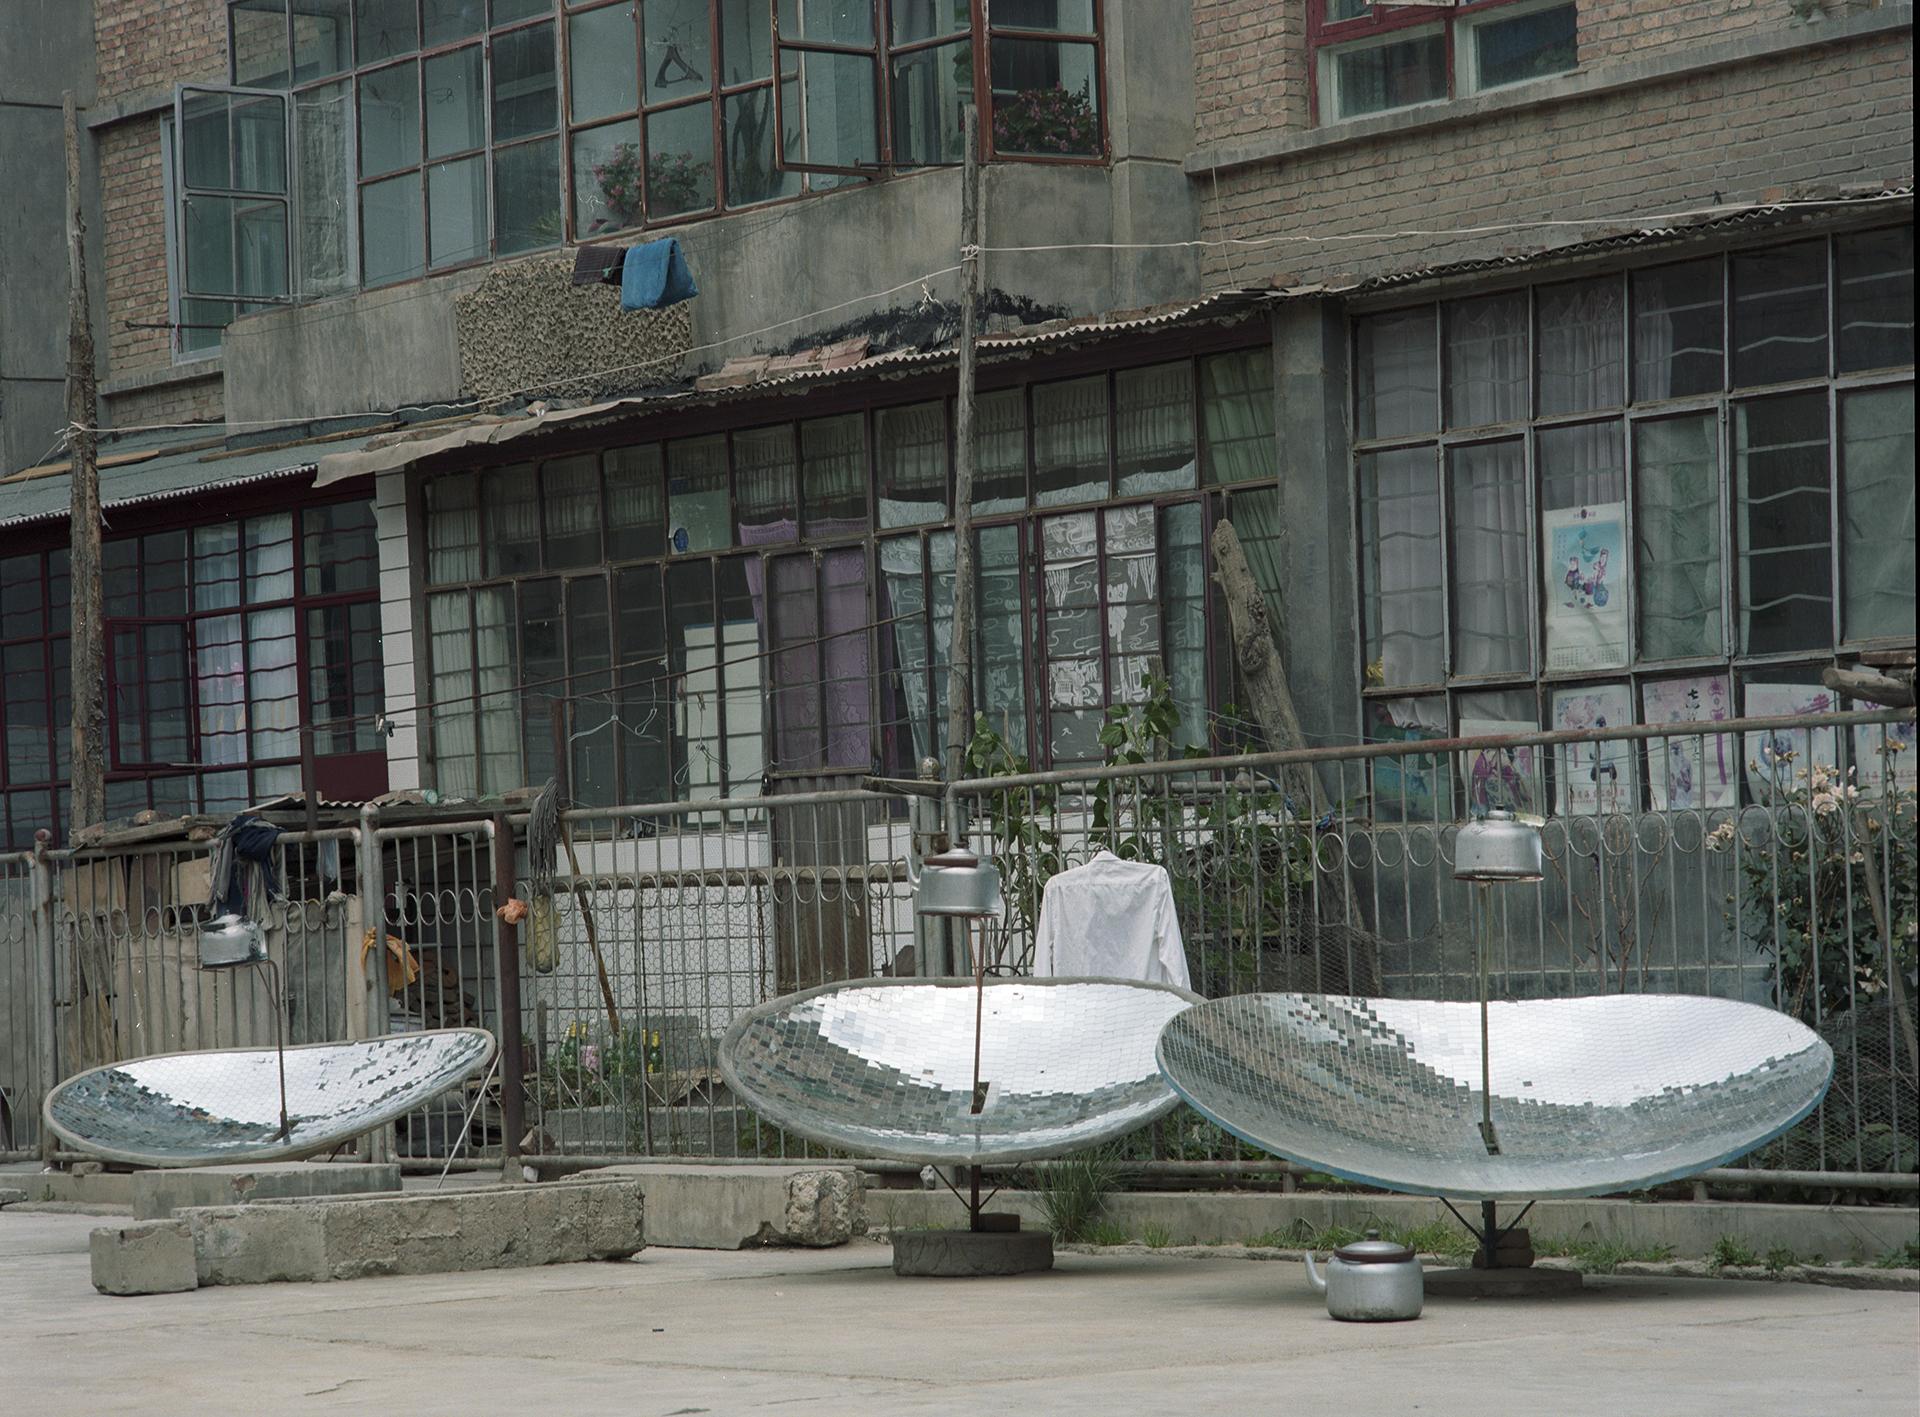 2007 Qinghai - solar watercookers in from of a Tibetan housing block in Tongren.